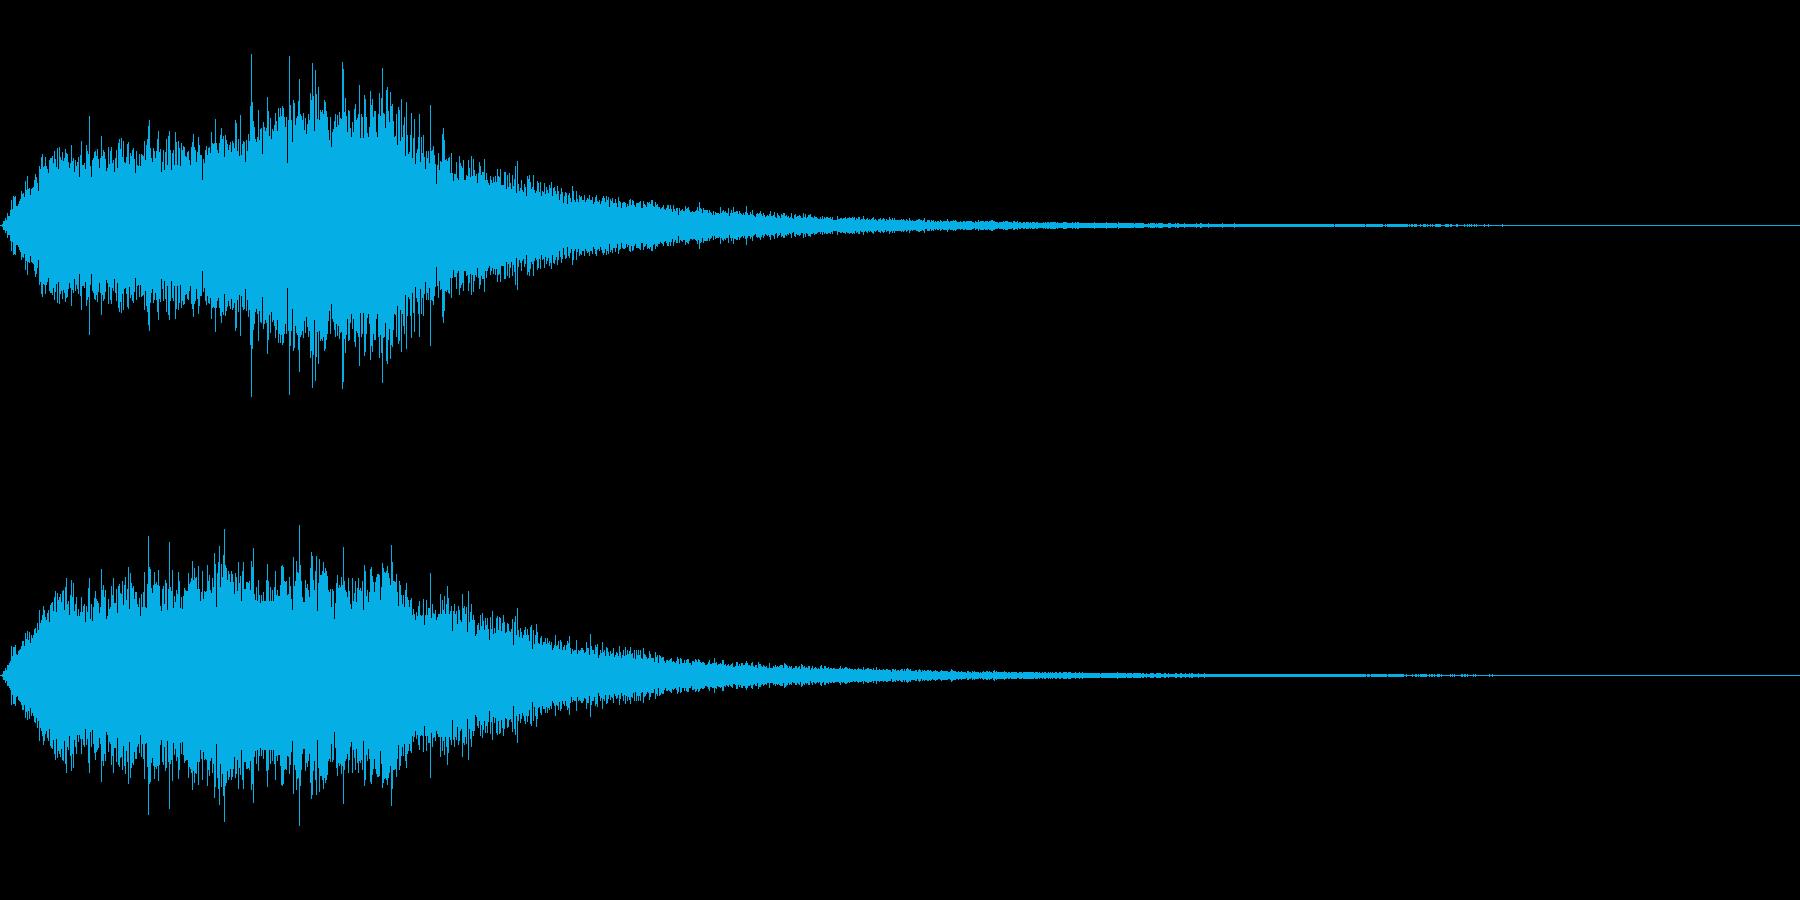 ダークファンタジー的なキラキラ音。の再生済みの波形